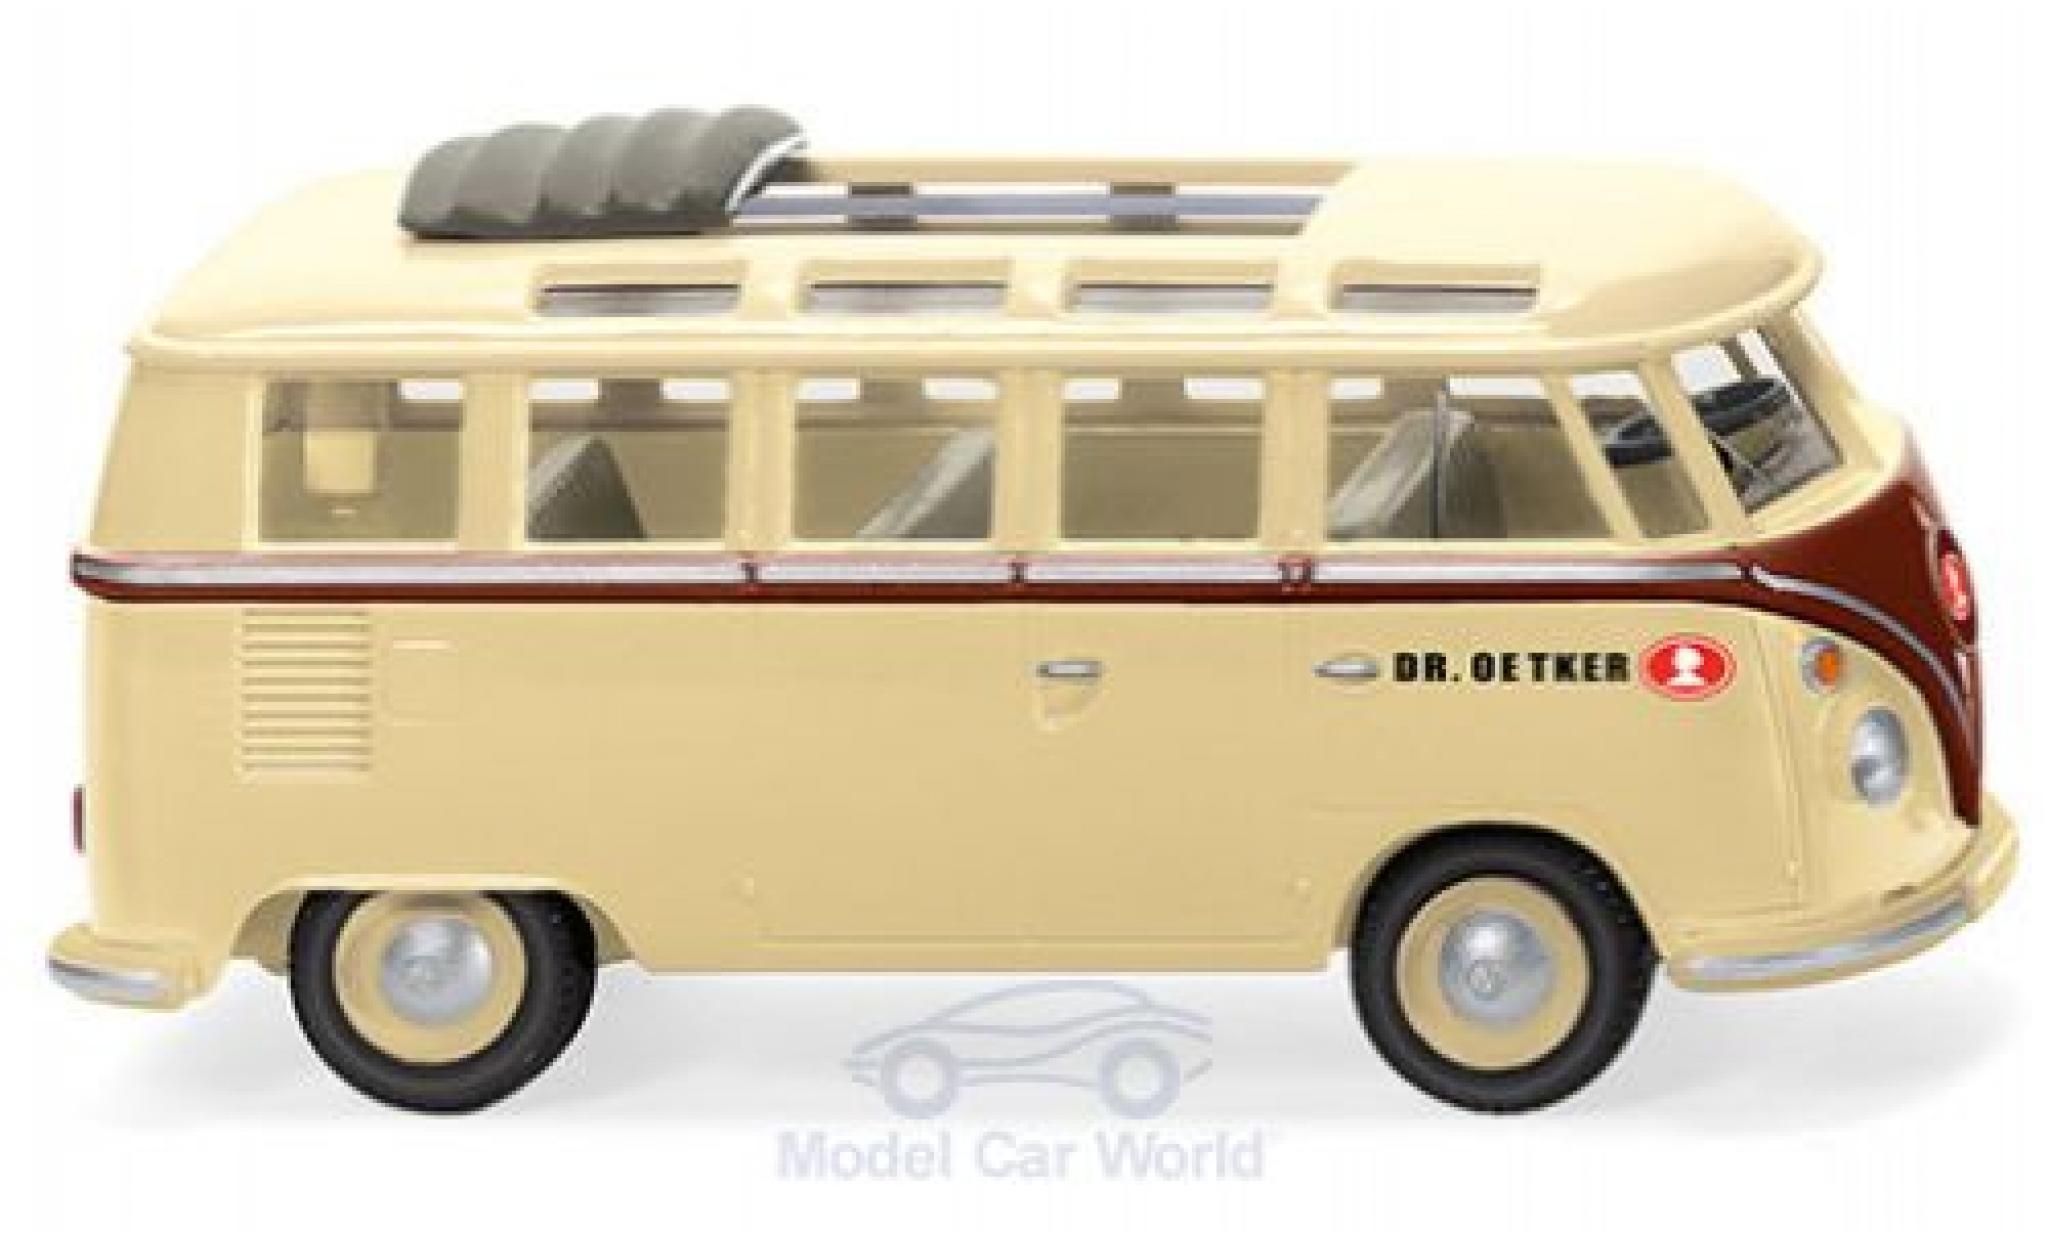 Volkswagen T1 1/87 Wiking Sambabus Dr. Oetker